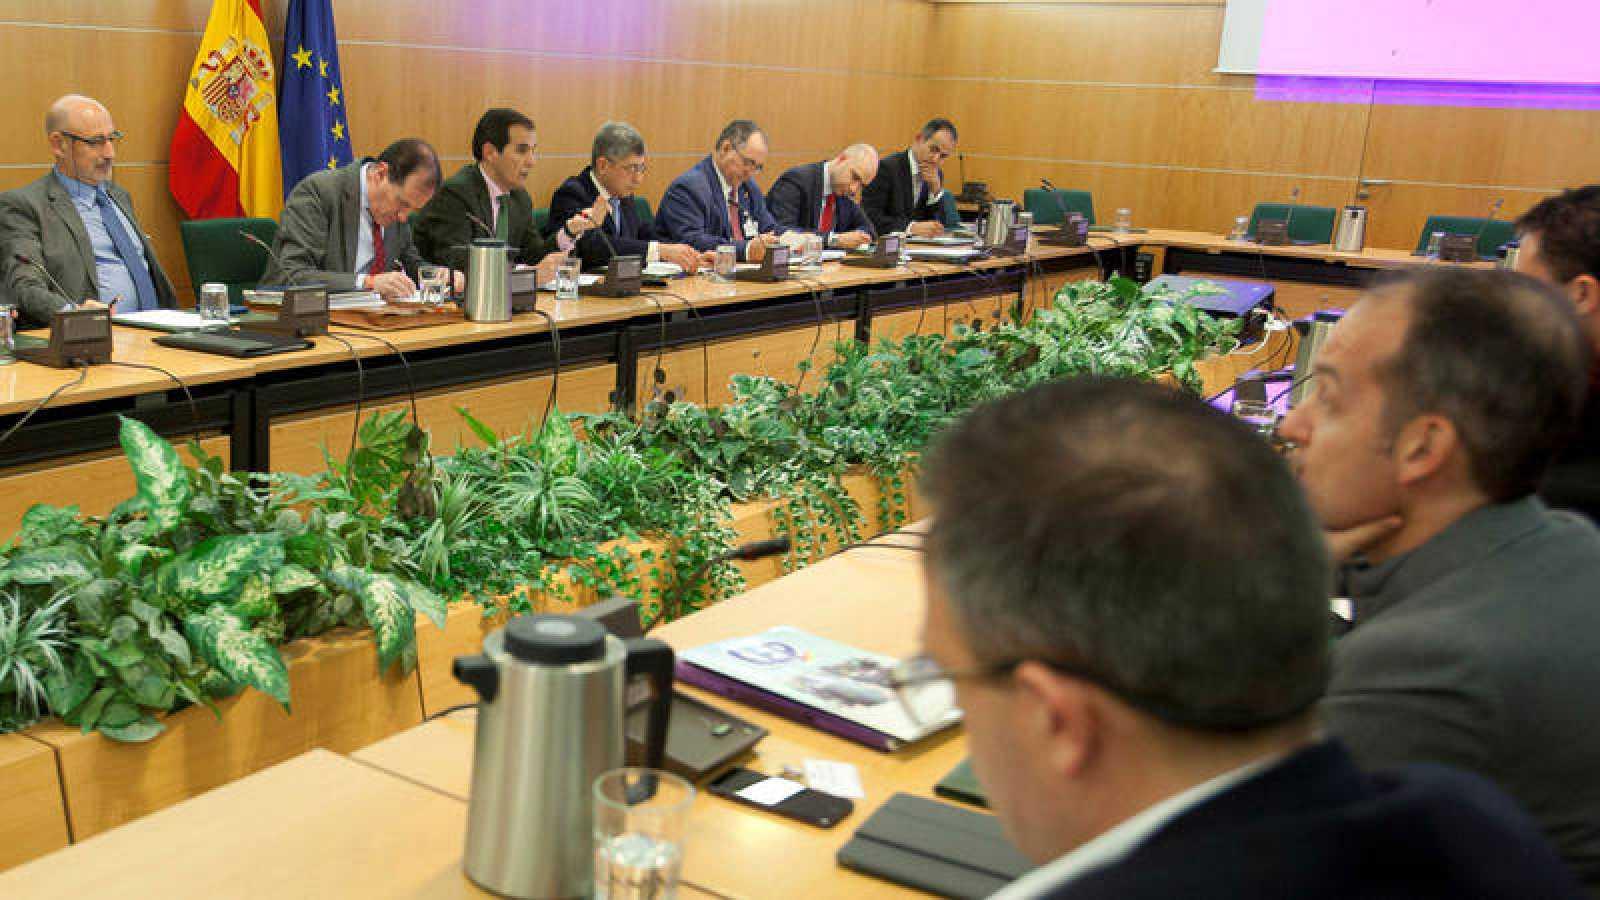 Fuerzas de seguridad los agentes votar n la oferta de for Sueldos ministerio del interior